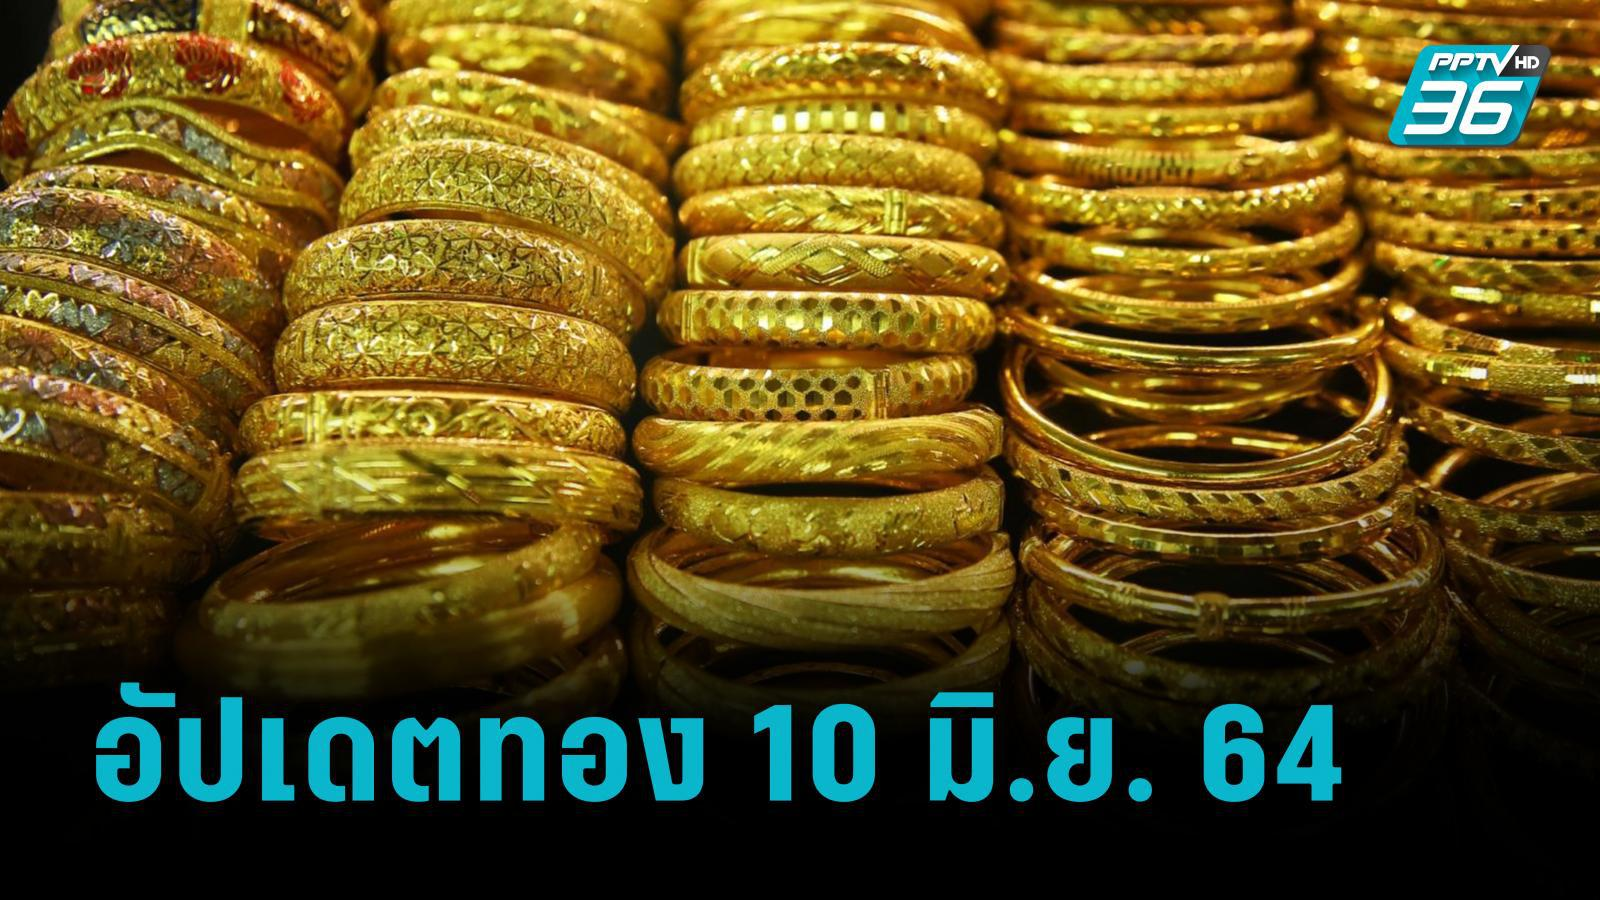 ราคาทองวันนี้ – 10 มิ.ย. 64 ปรับราคา 2 ครั้ง ลดลงอีก 50 บาท